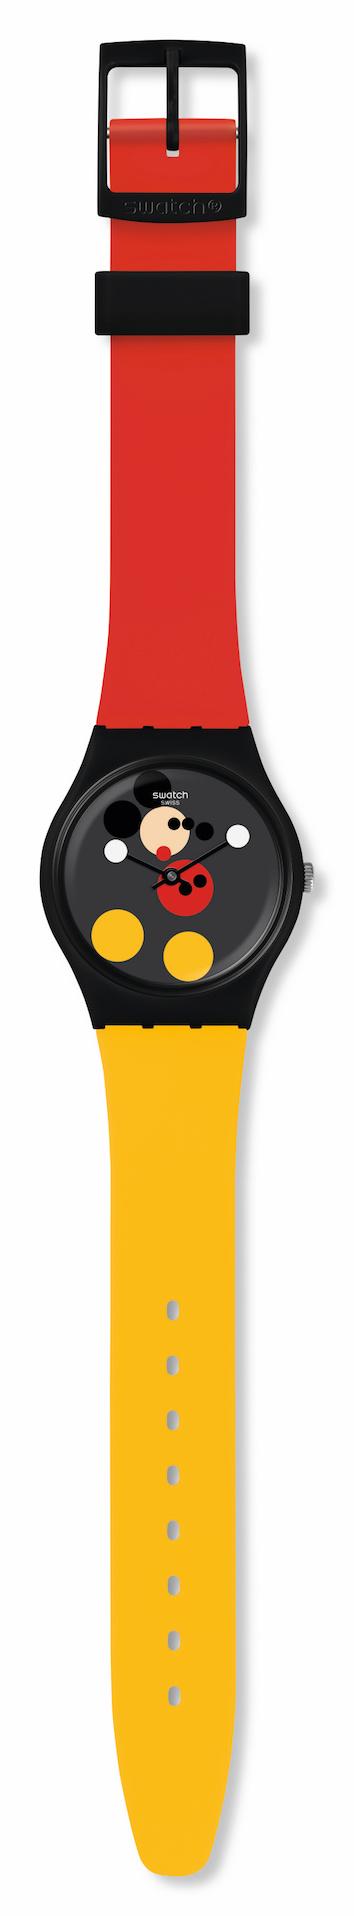 미키마우스 탄생 90주년을 기념해 스와치와 데미안 허스트가 협업한 시계. 2018년에 한정판으로 전세계 19,000개 출시되었다. @스와치 제공